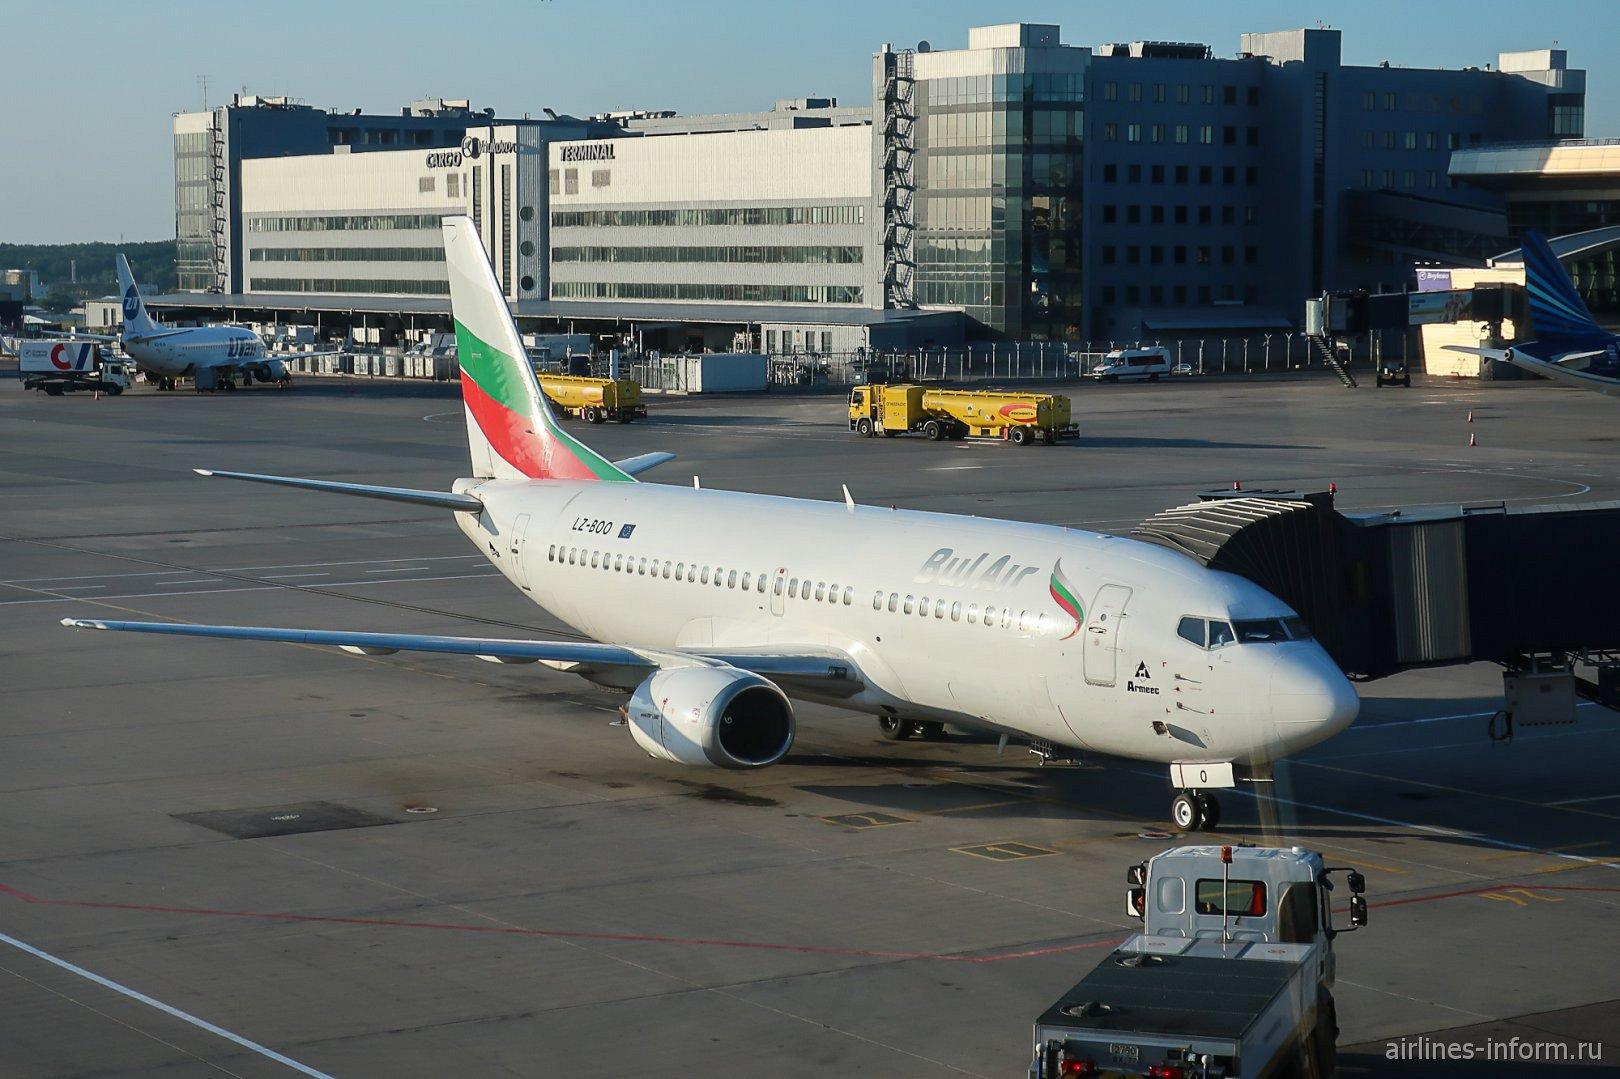 Боинг-737-800 LZ-BOO авиакомпании Bul Air в аэропорту Внуково